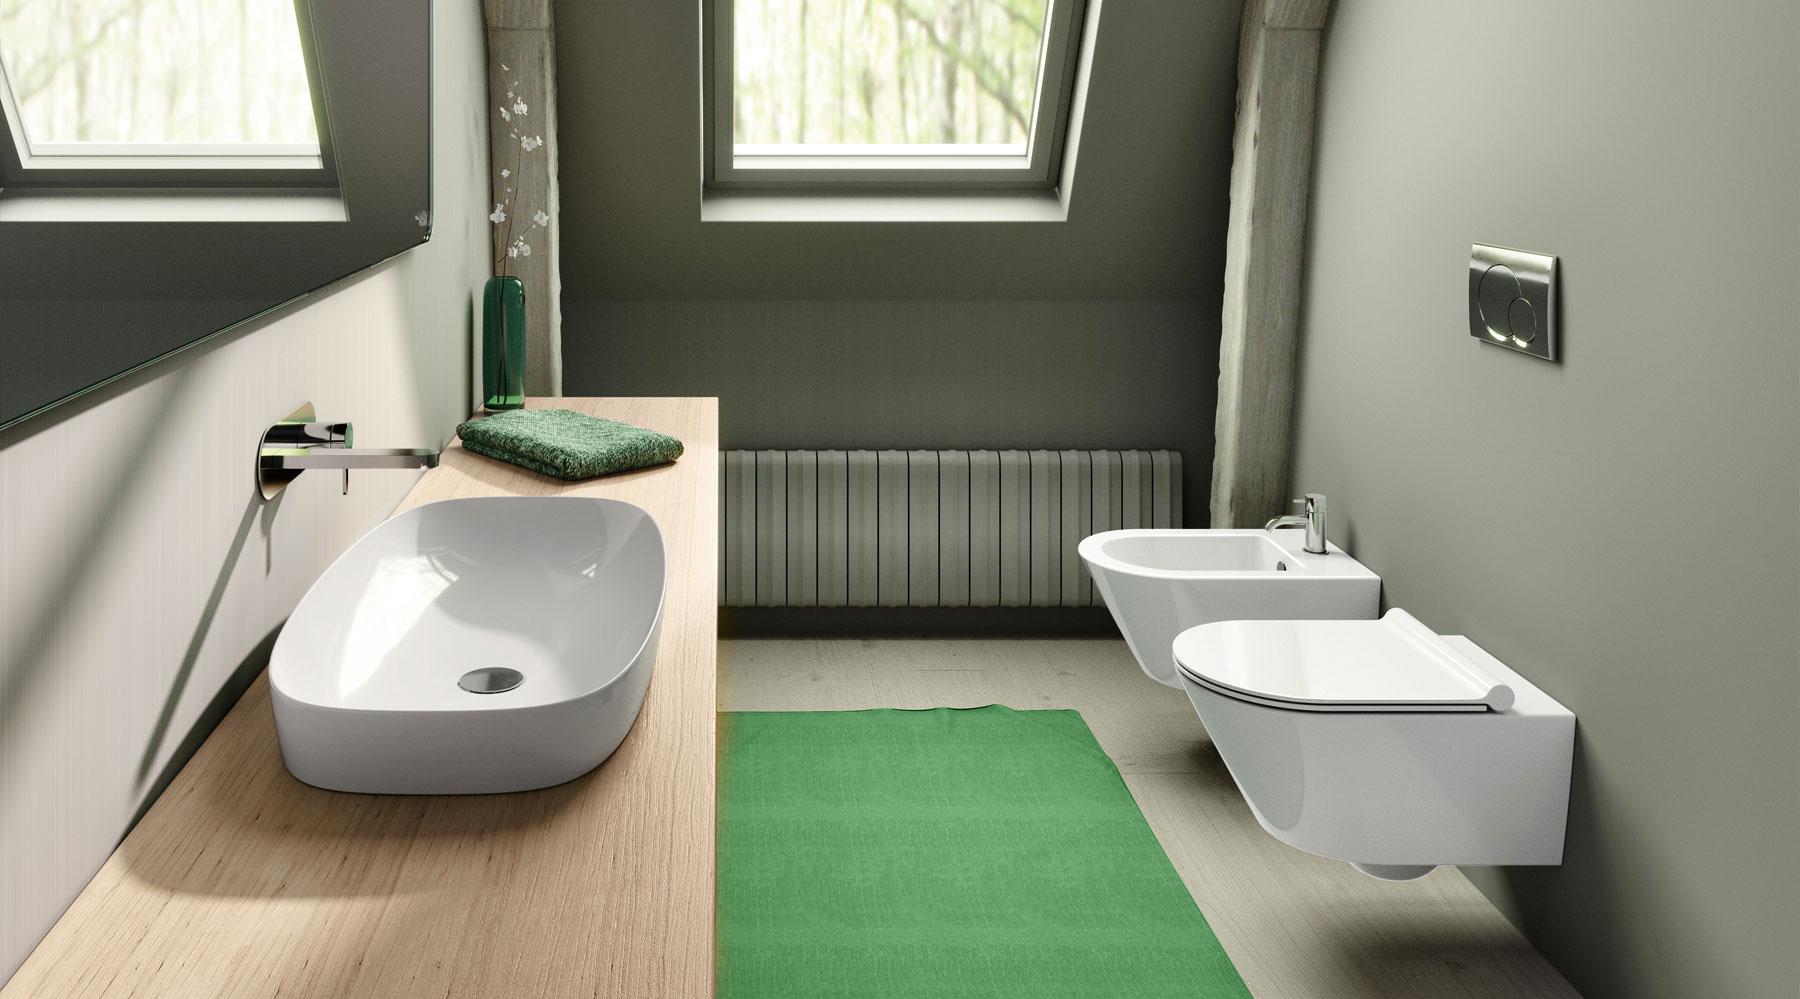 Sanitari roma mam ceramiche arredo bagno di design - Sanitari bagno roma ...